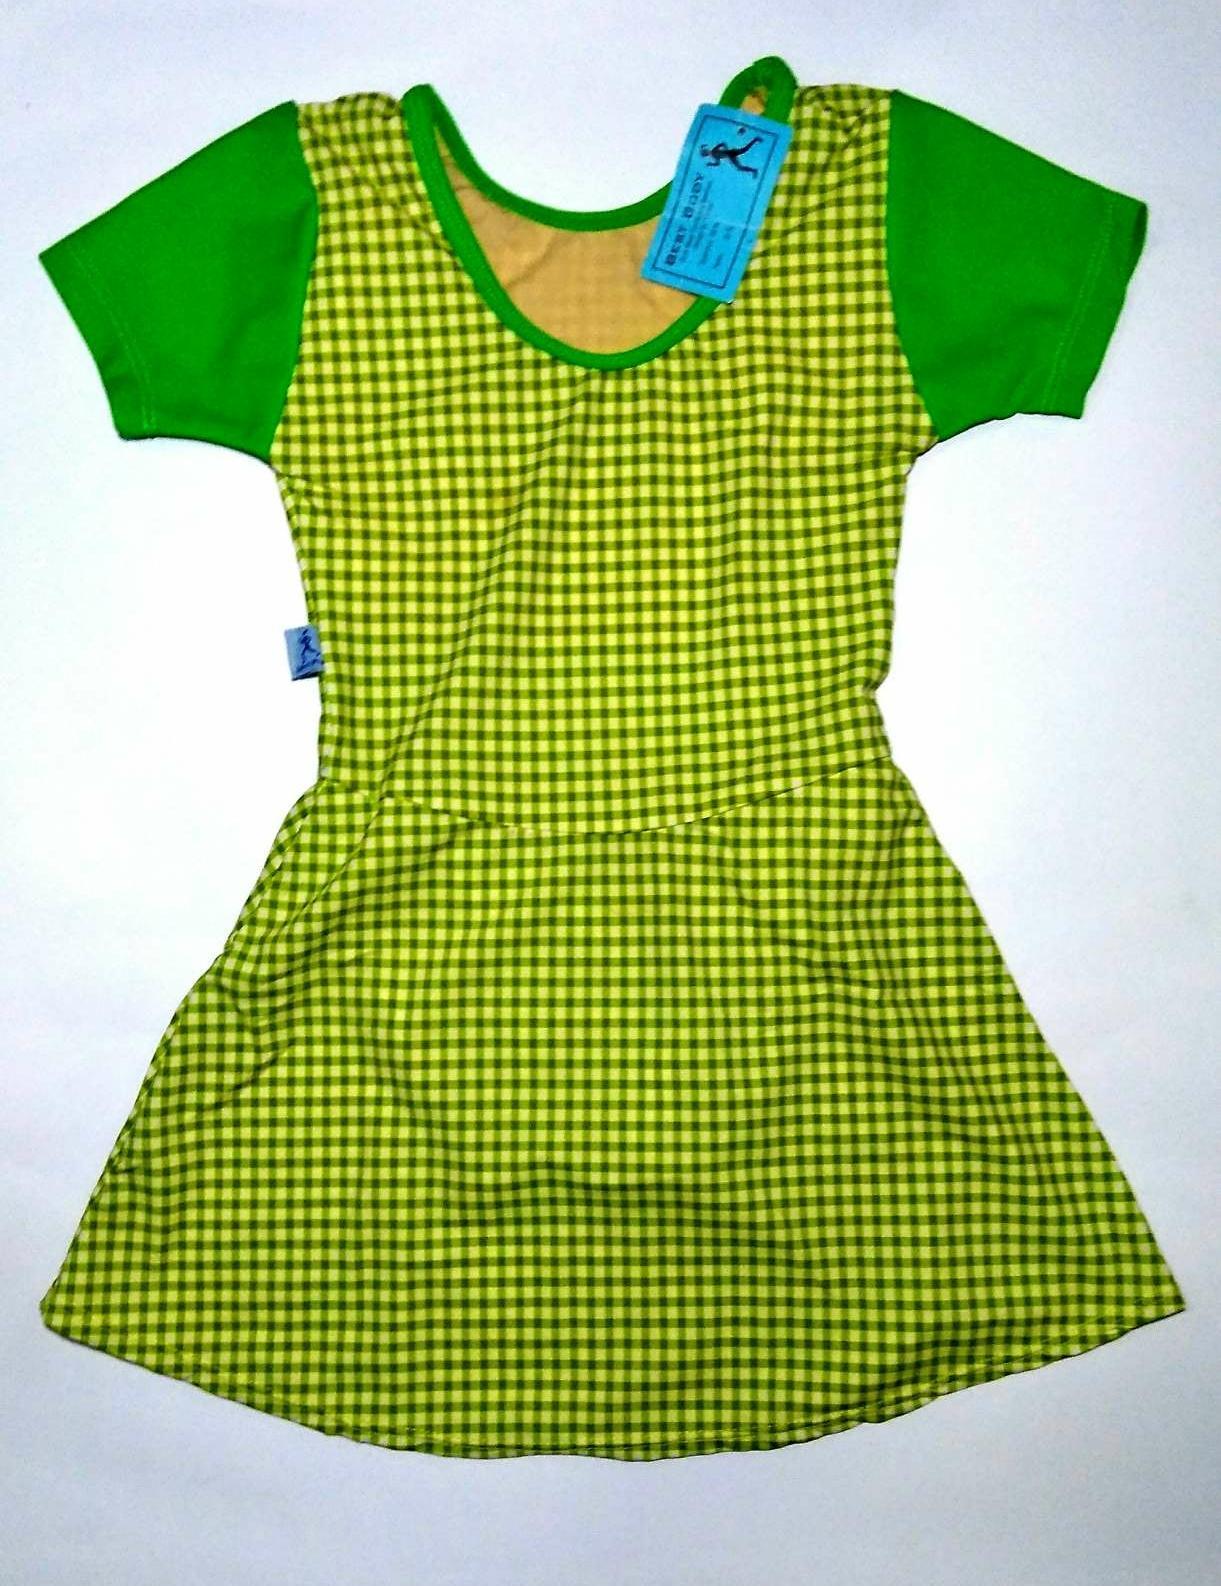 Beli Slim N Lift Body Shaping For Man Slimming Shirt Men Baju Renang Anak Perempuanterusan Rok